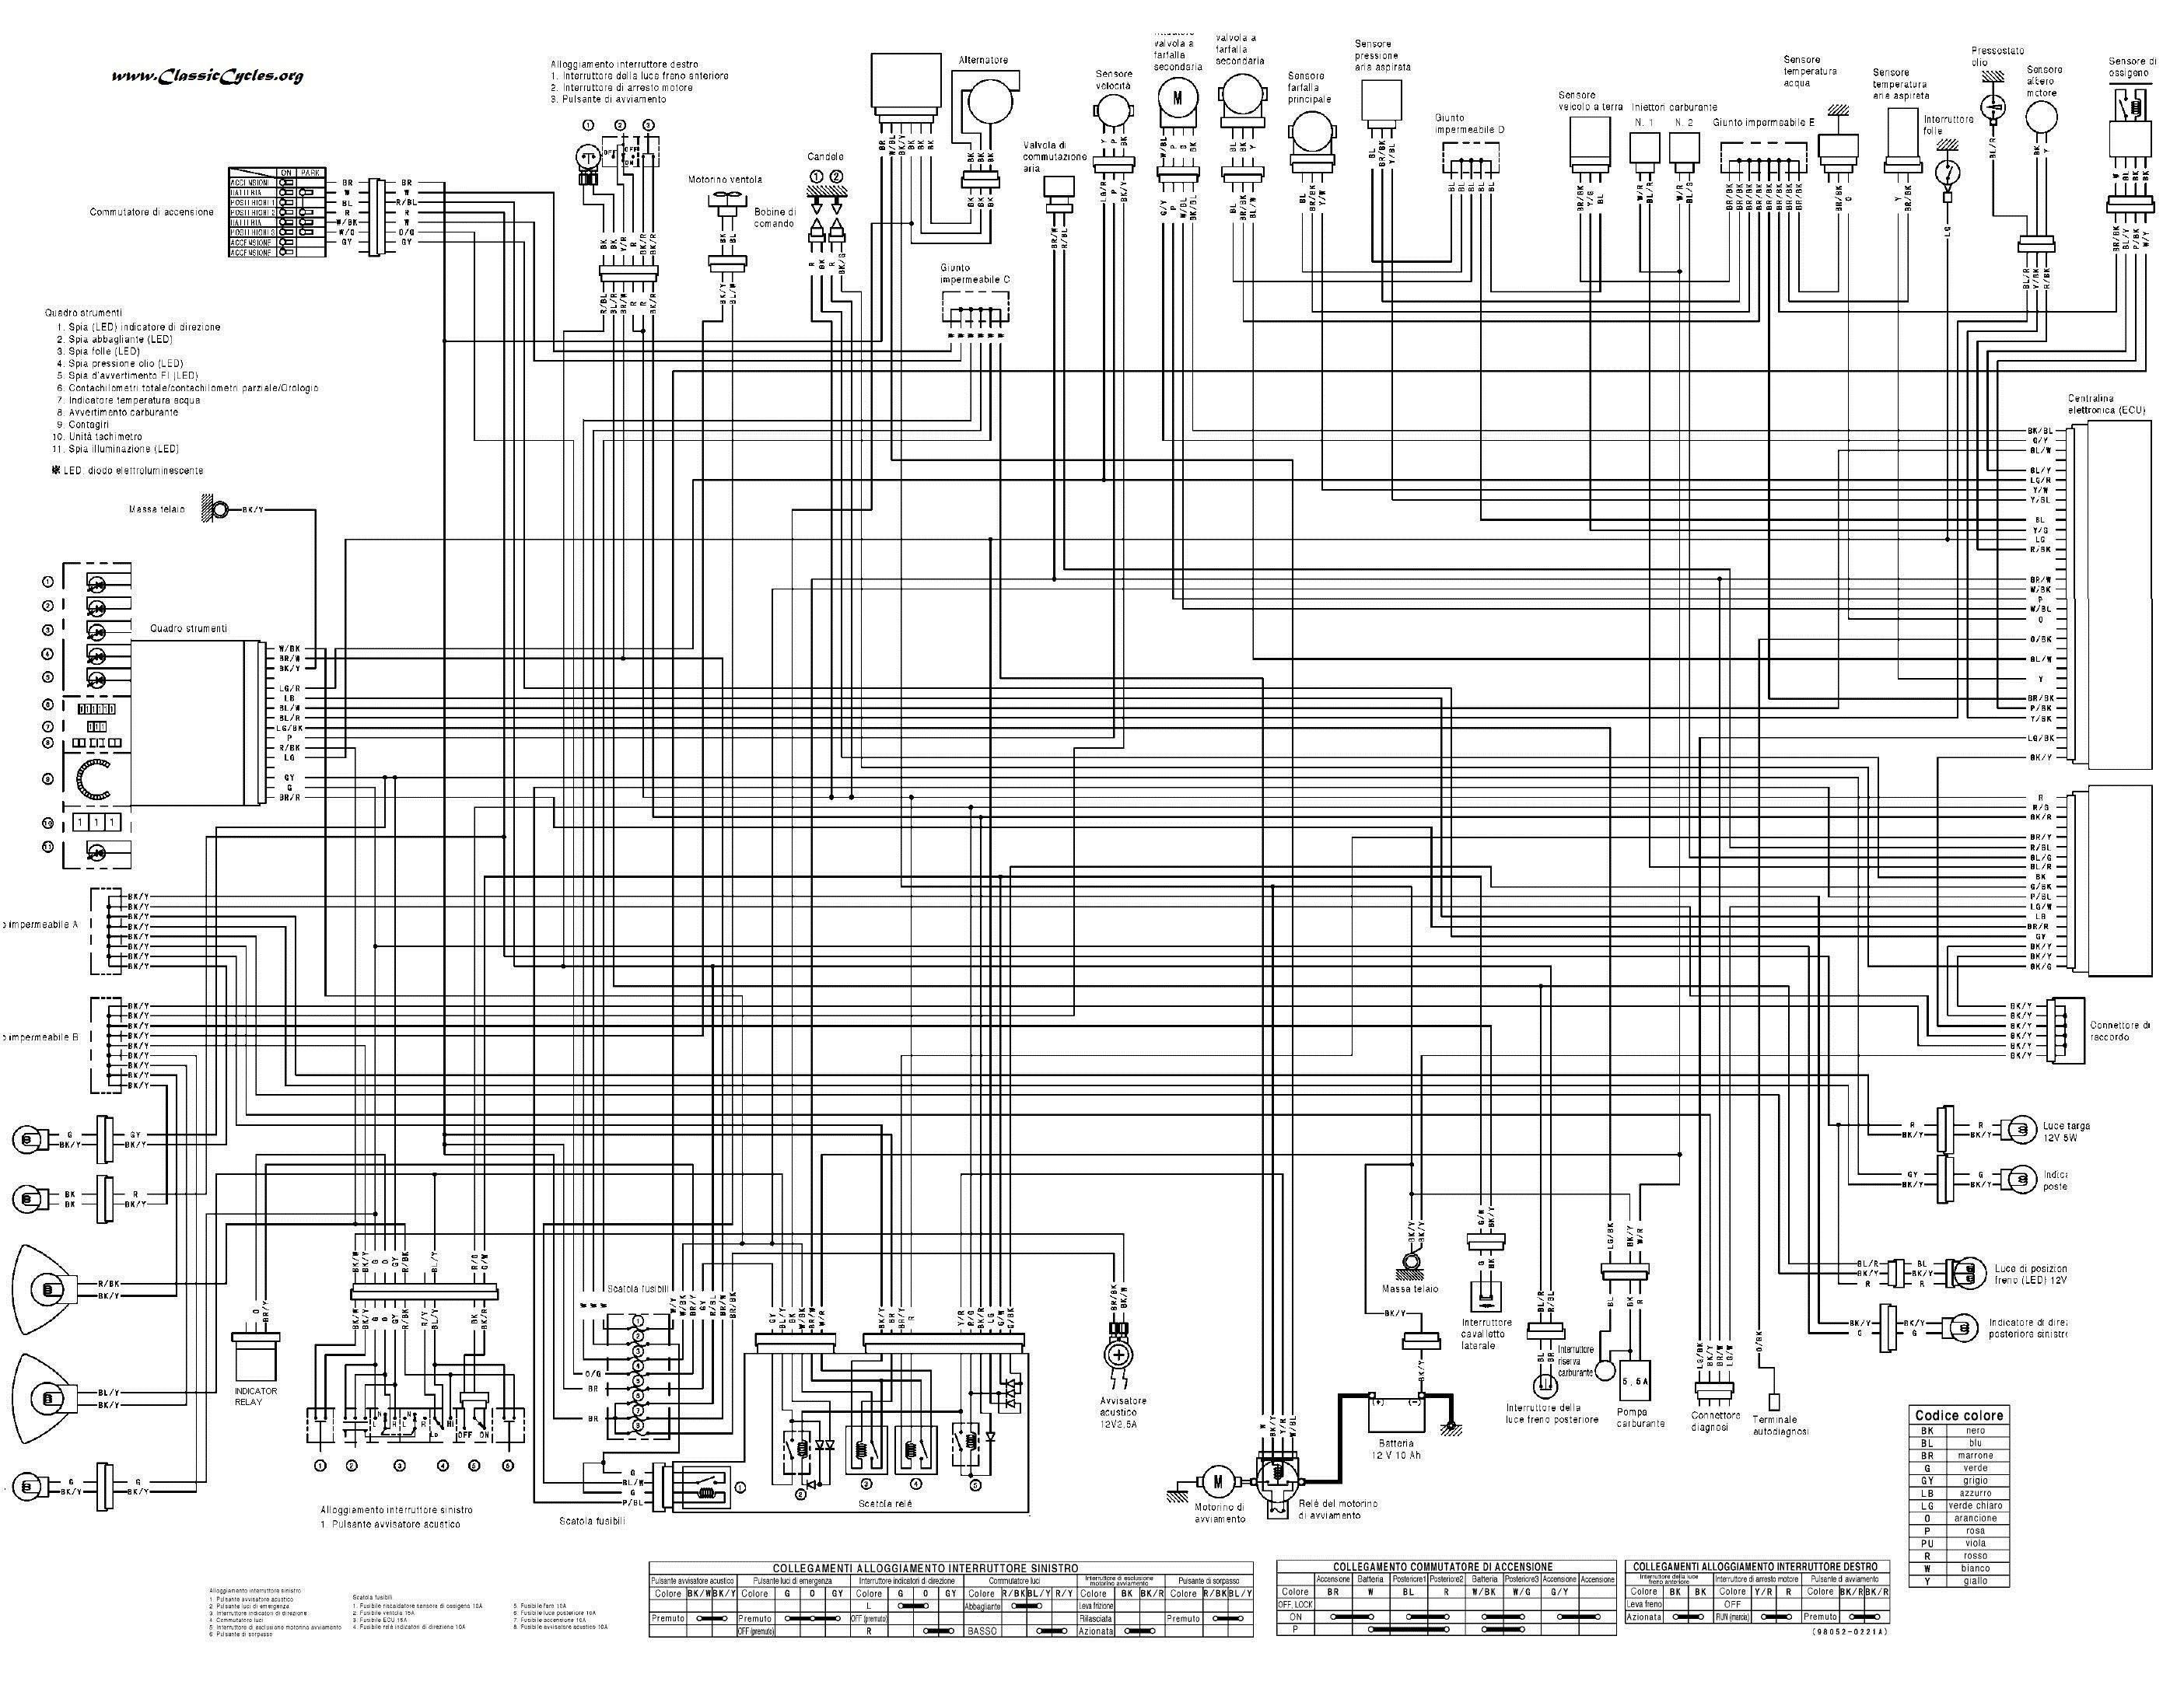 New Wiring Harness Schematic Diagram Wiringdiagram Diagramming Diagramm Visuals Visualisat Electrical Wiring Diagram Electrical Diagram Electrical Wiring